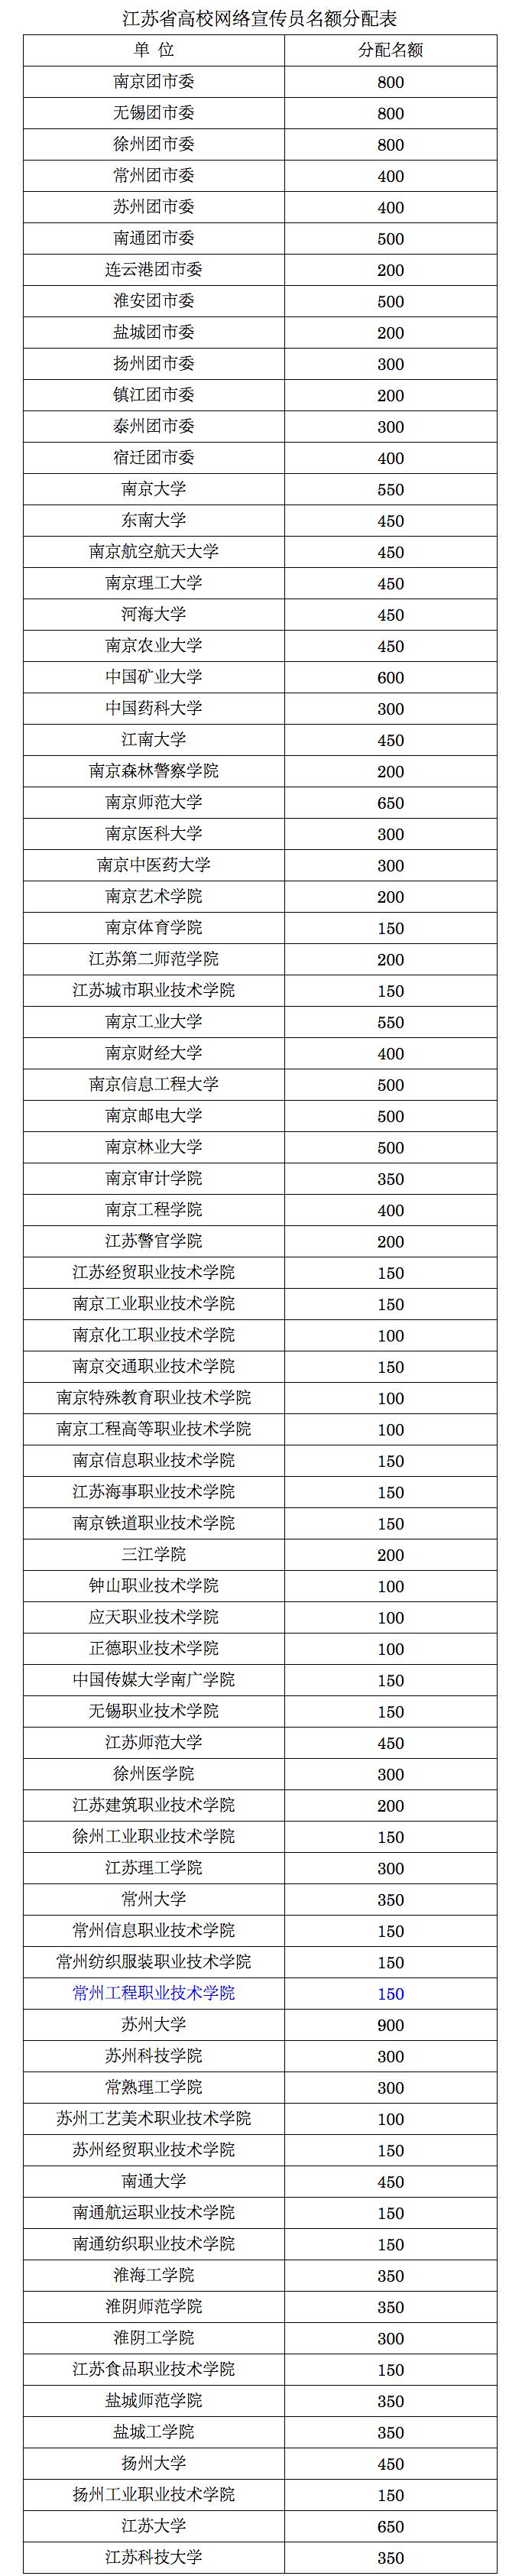 江苏省高校网宣员分配表